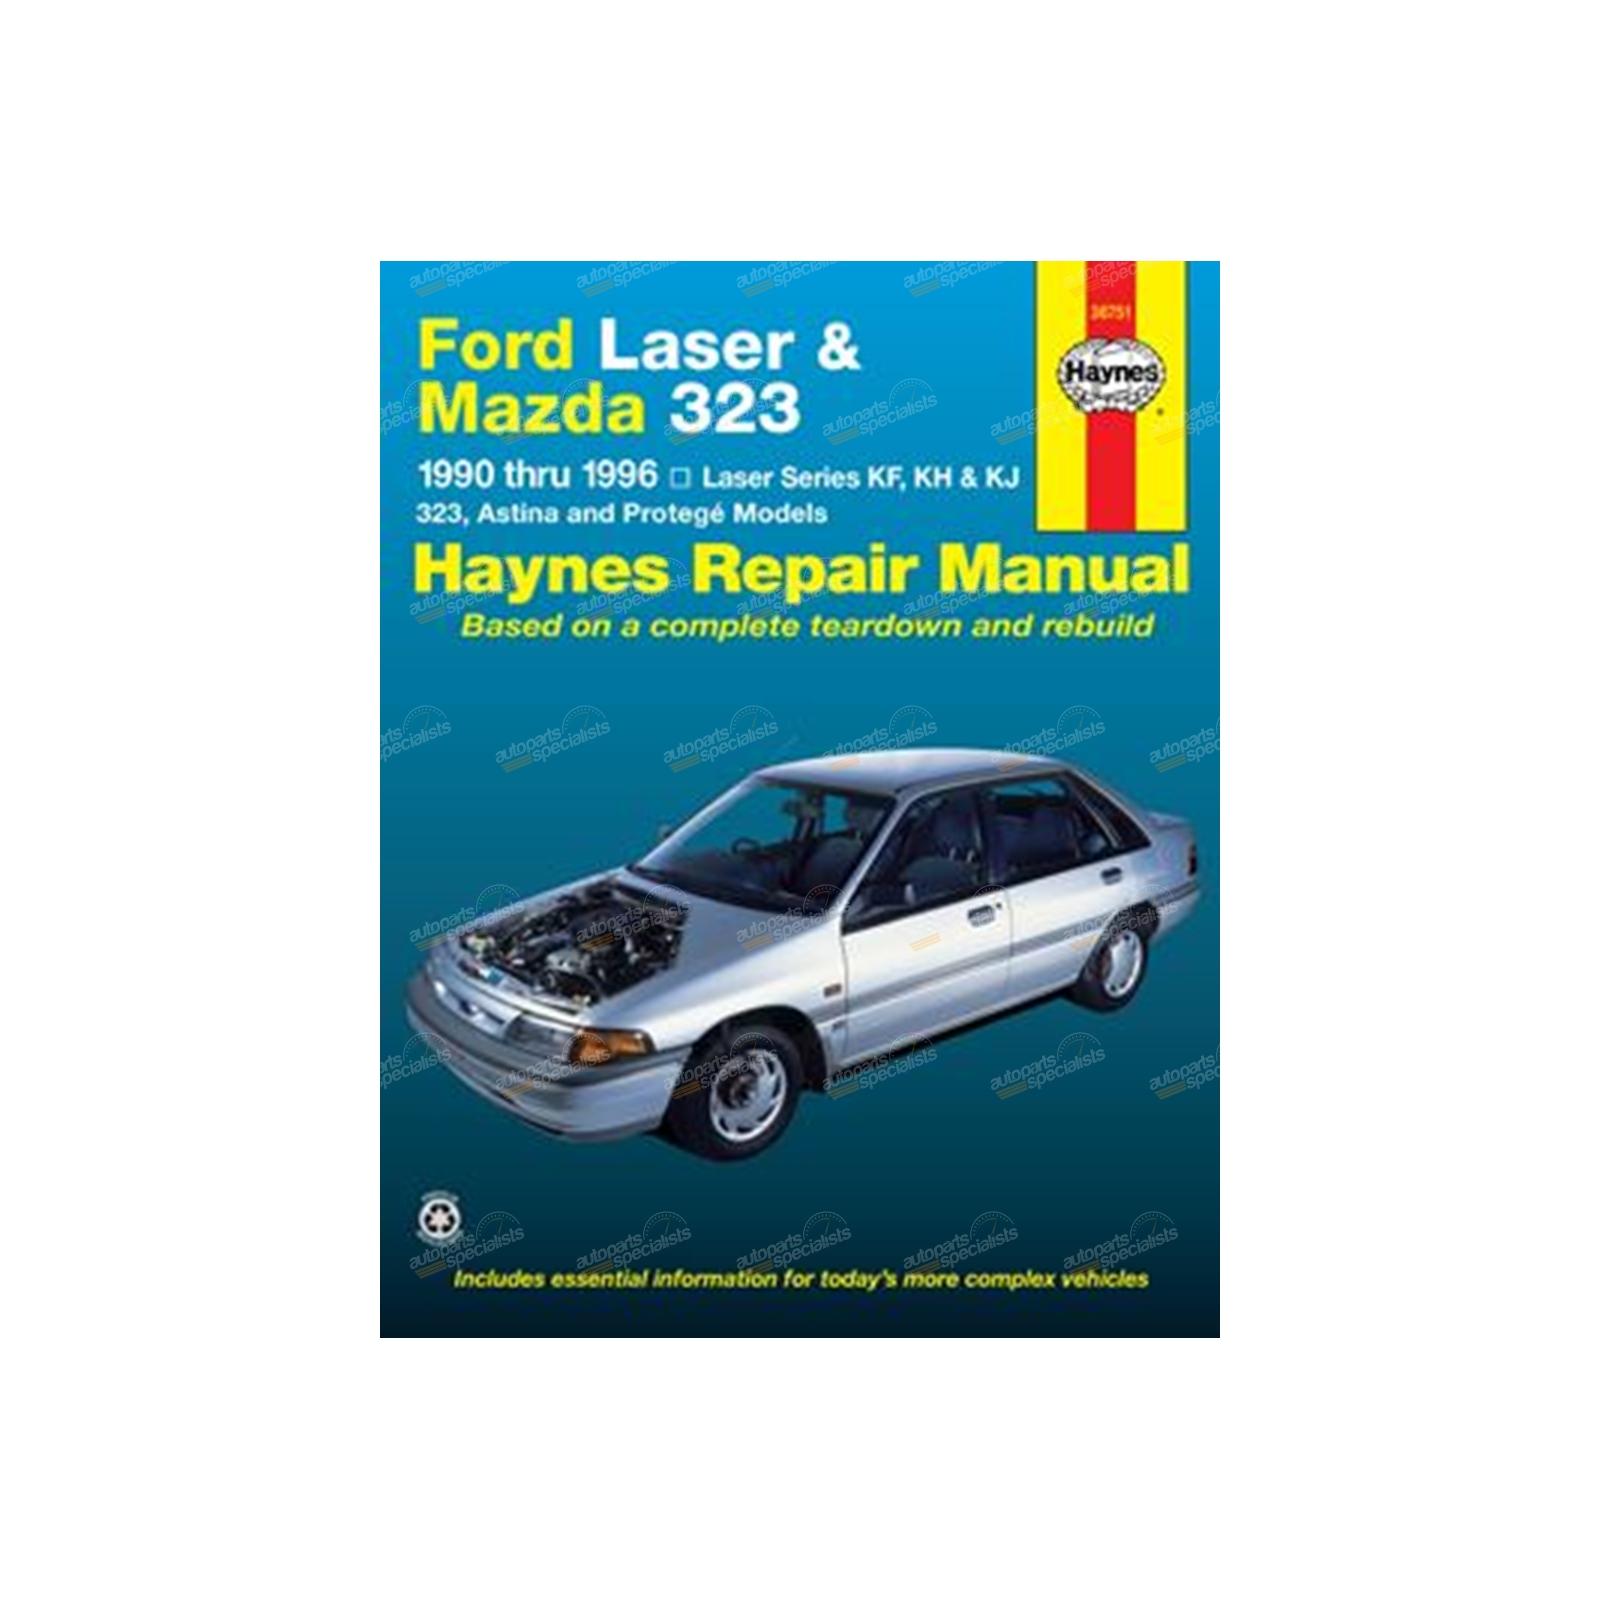 haynes car repair manual book ford laser kf kh kj